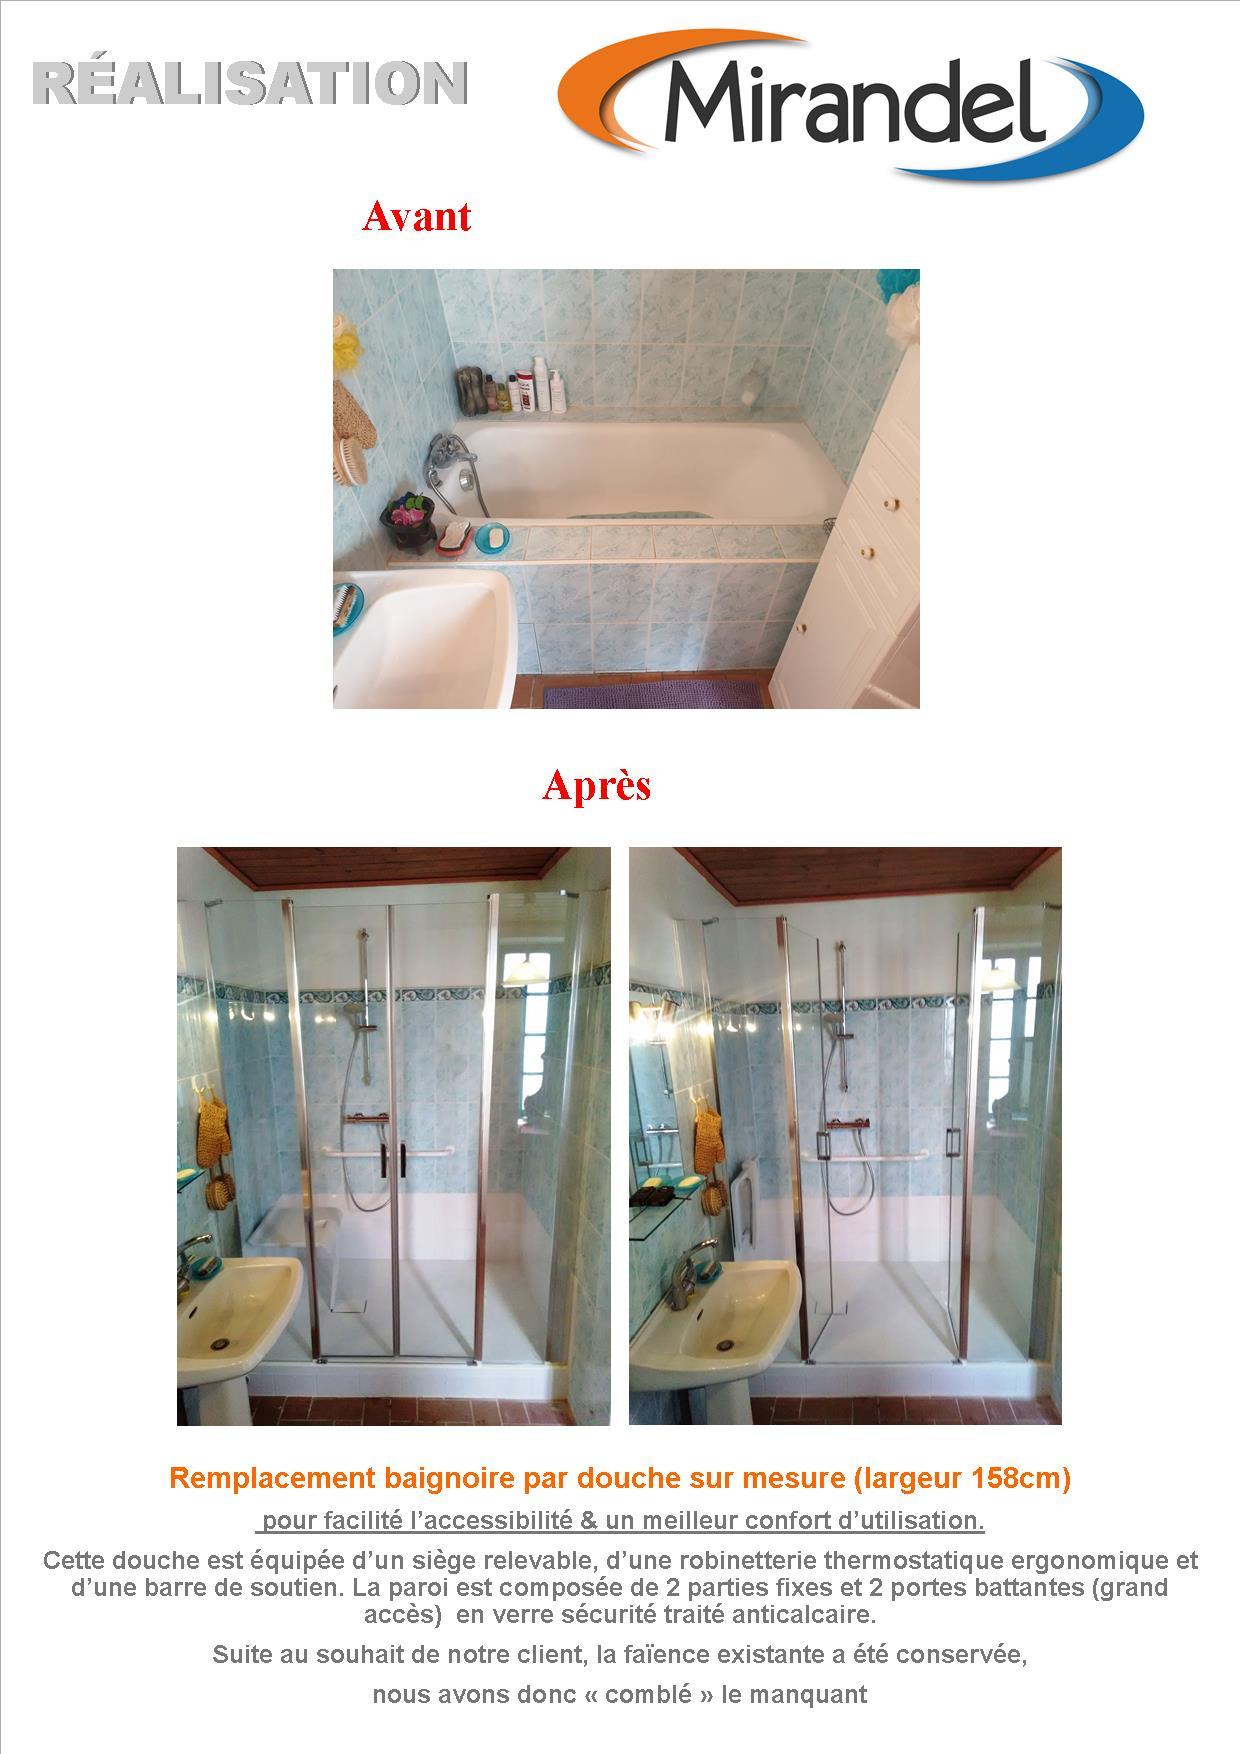 Remplacement baignoire par douche (accessibilité)